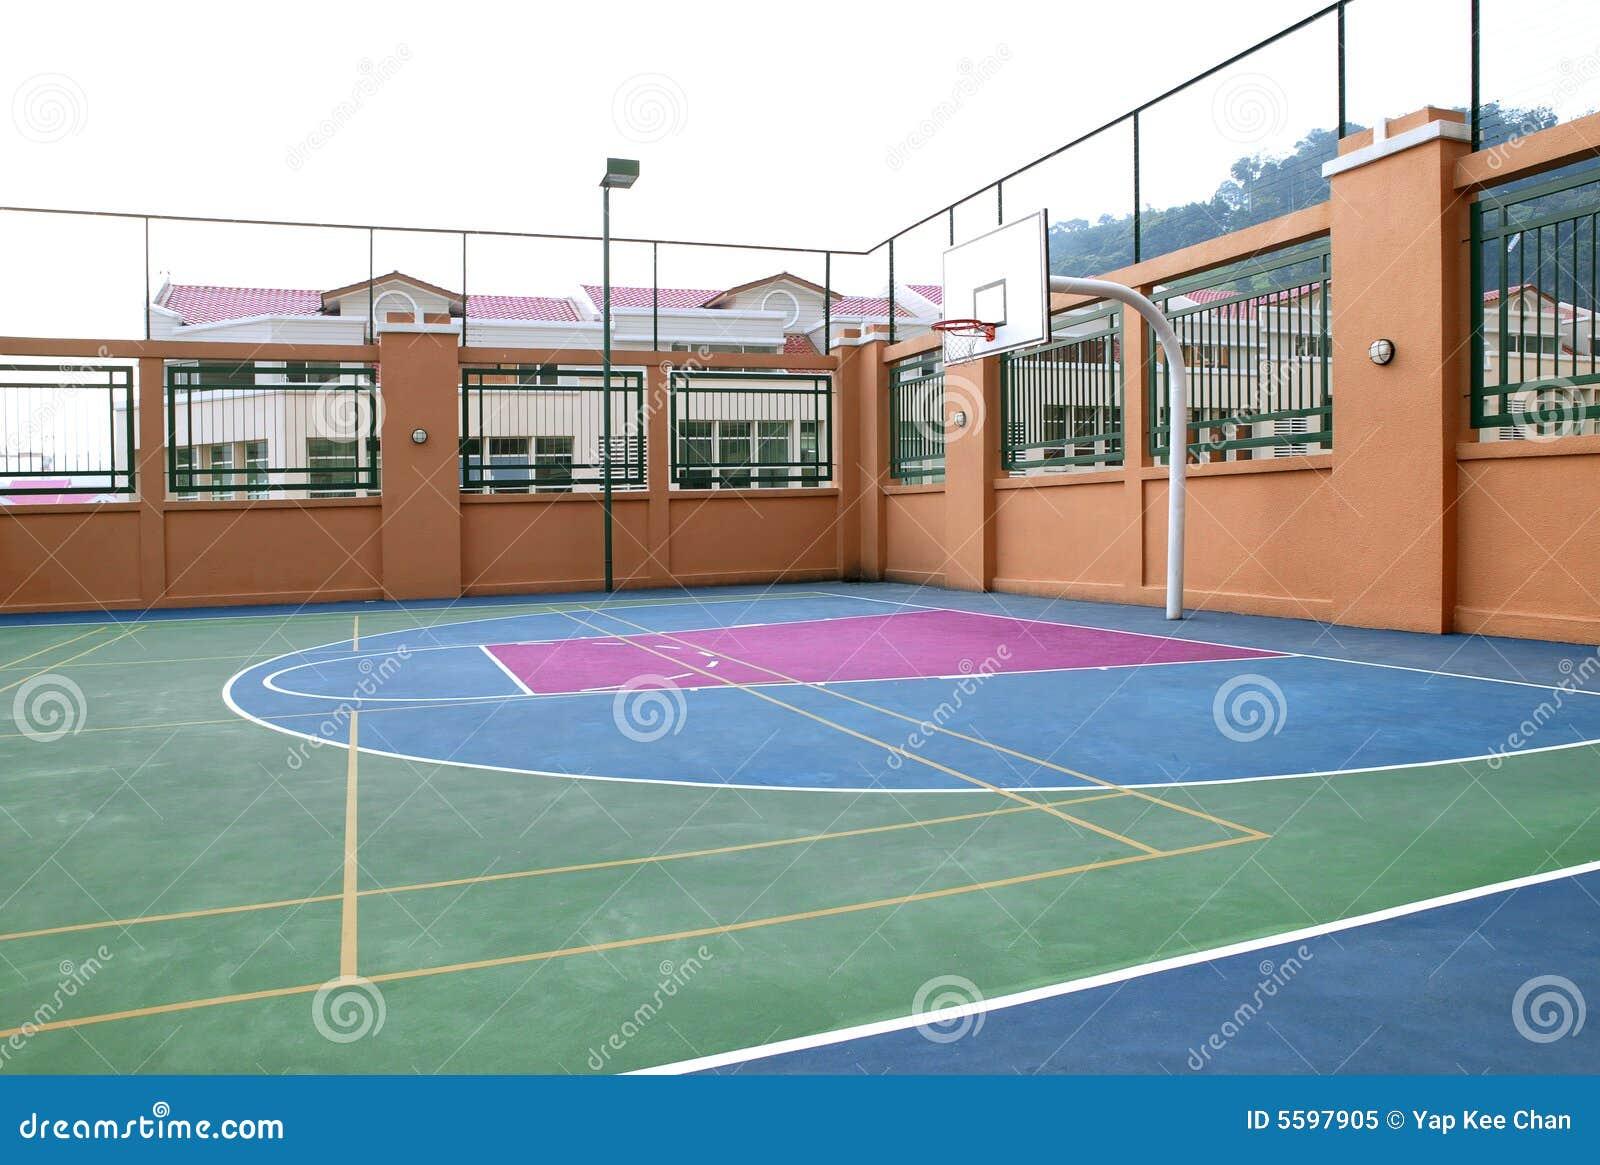 terrain de basket image stock image du victoire bille 5597905. Black Bedroom Furniture Sets. Home Design Ideas